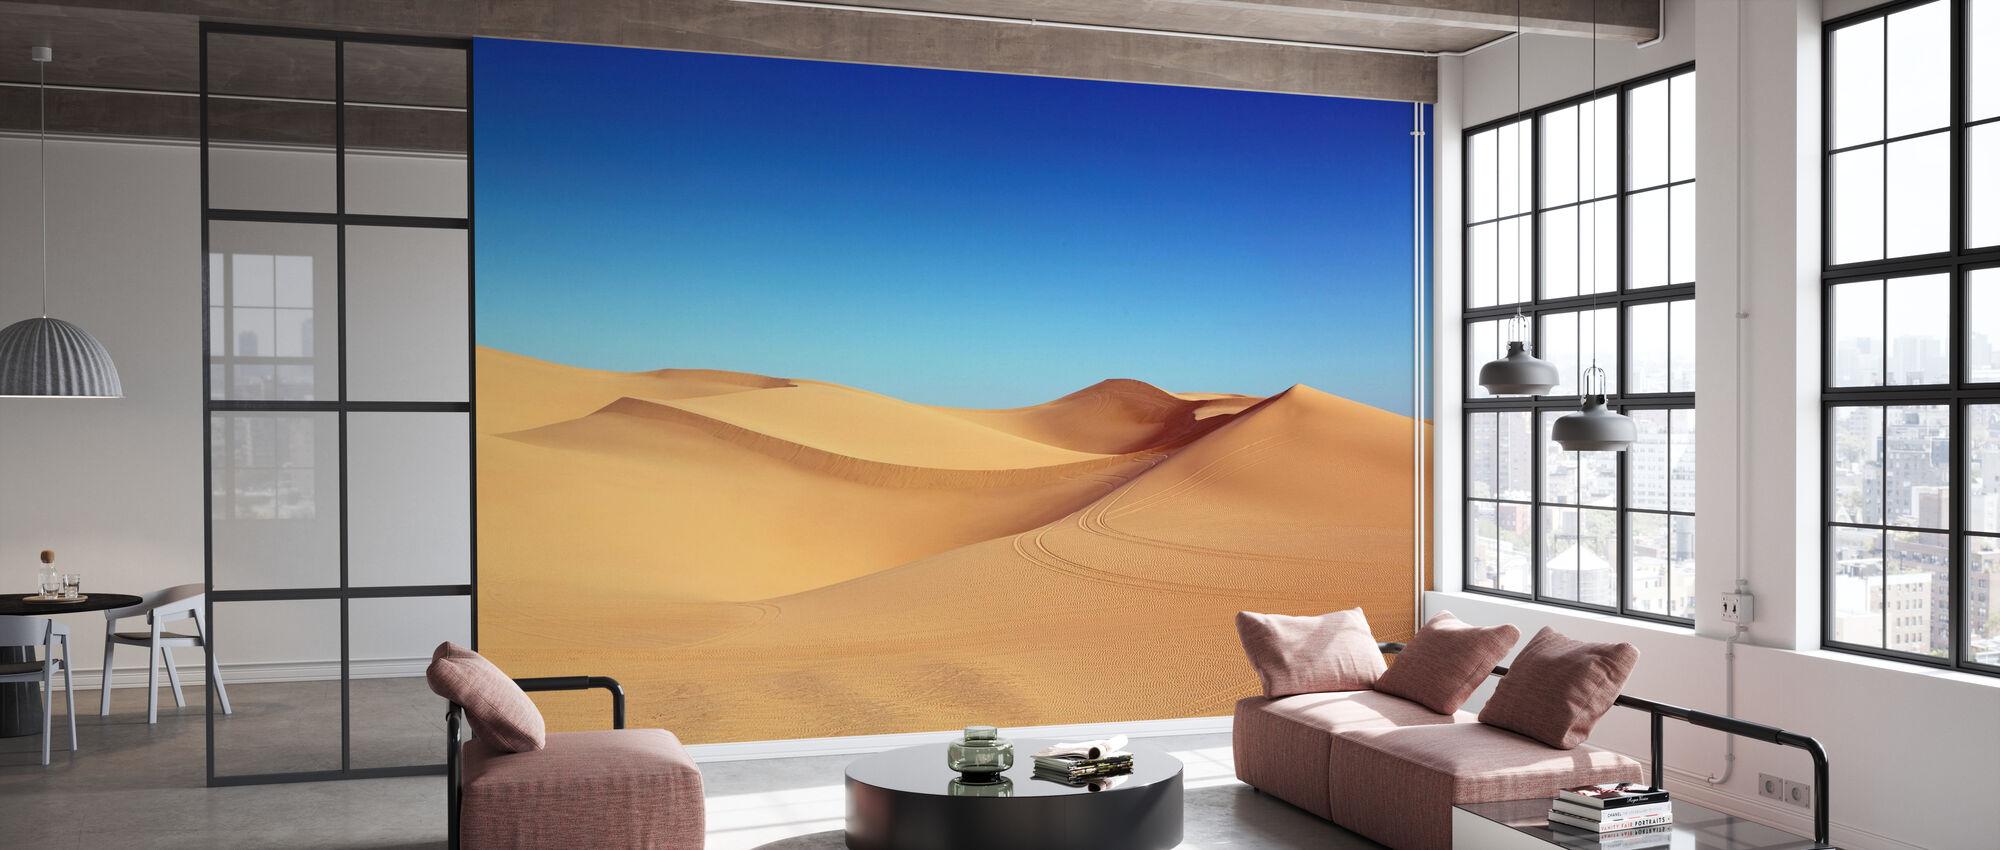 Desert Sand Dunes - Wallpaper - Office